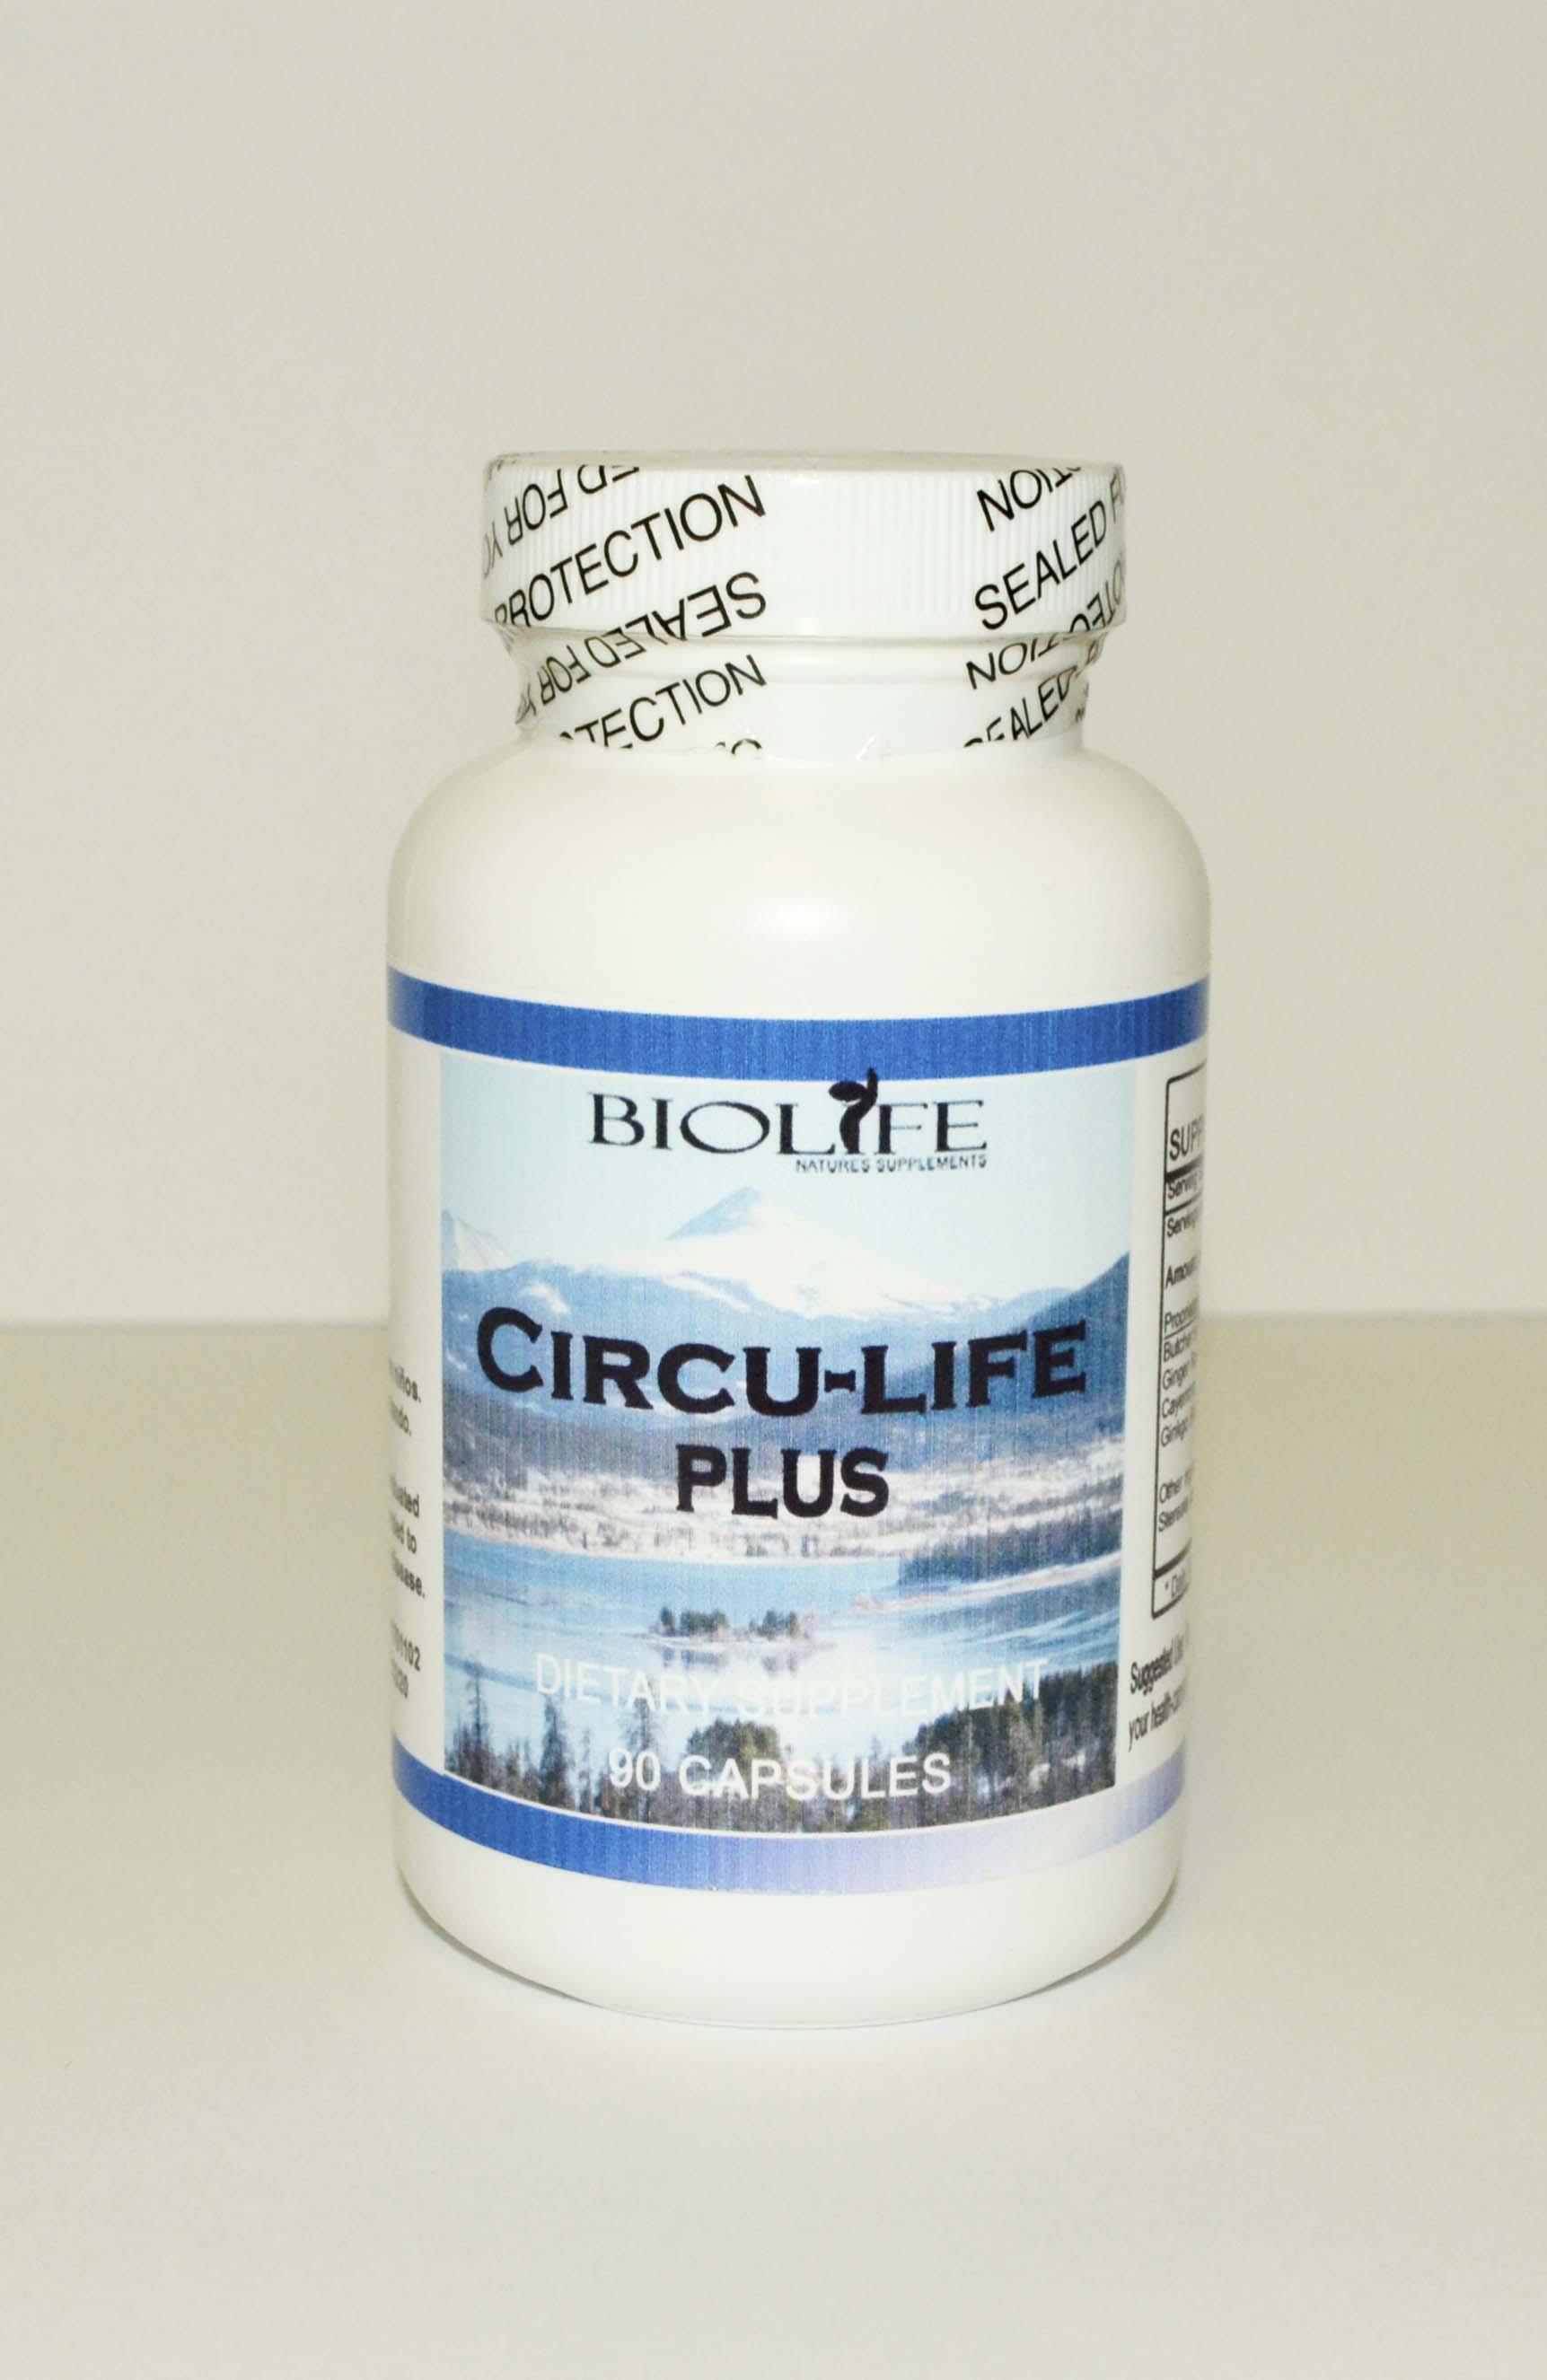 Circu-Life Plus